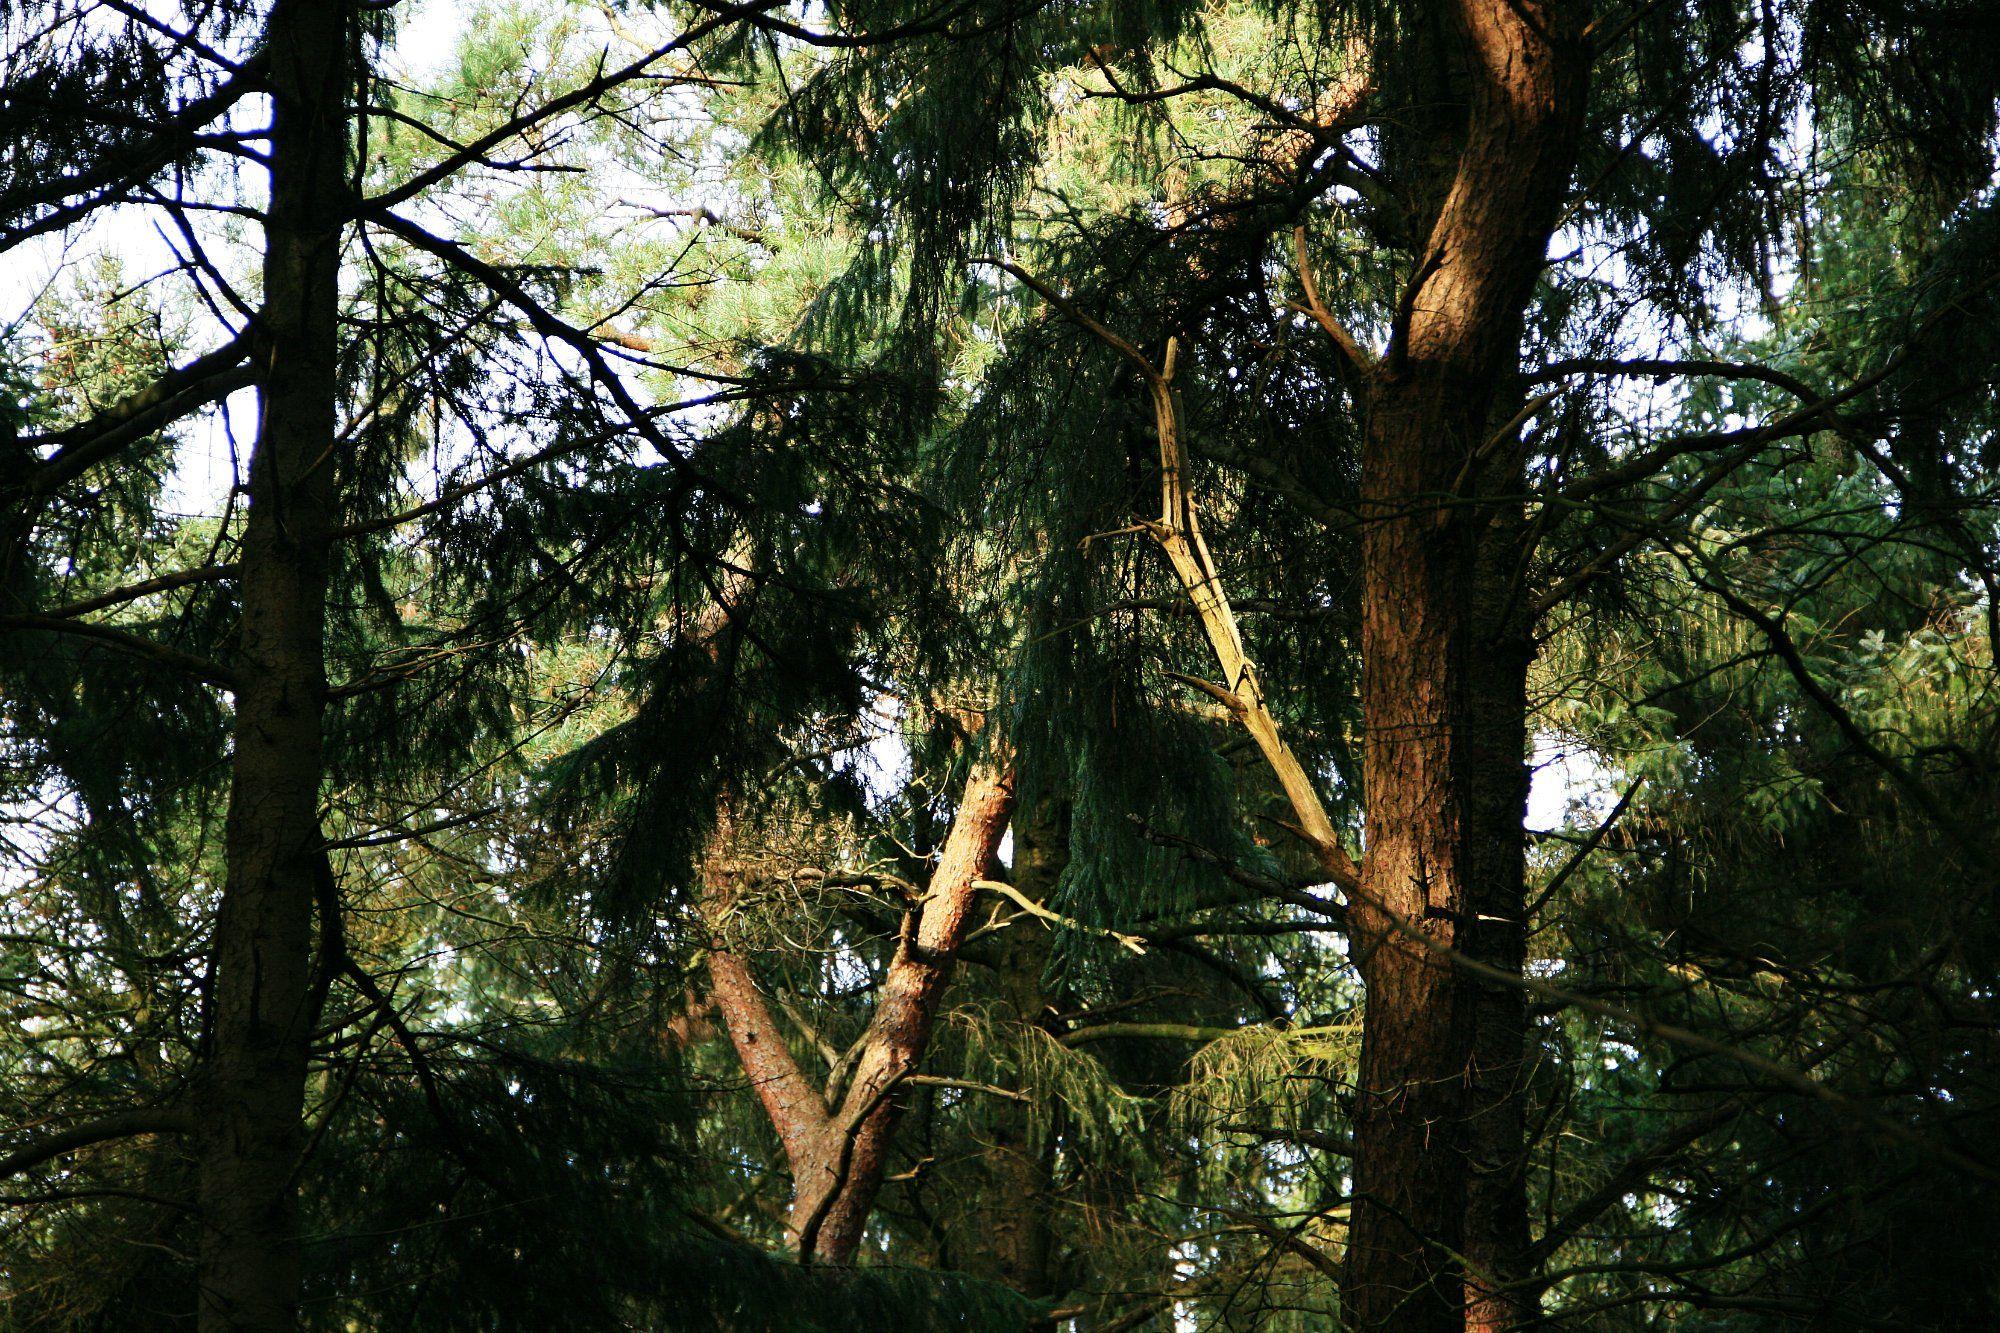 Die Sonne spielt mit den Bäumen